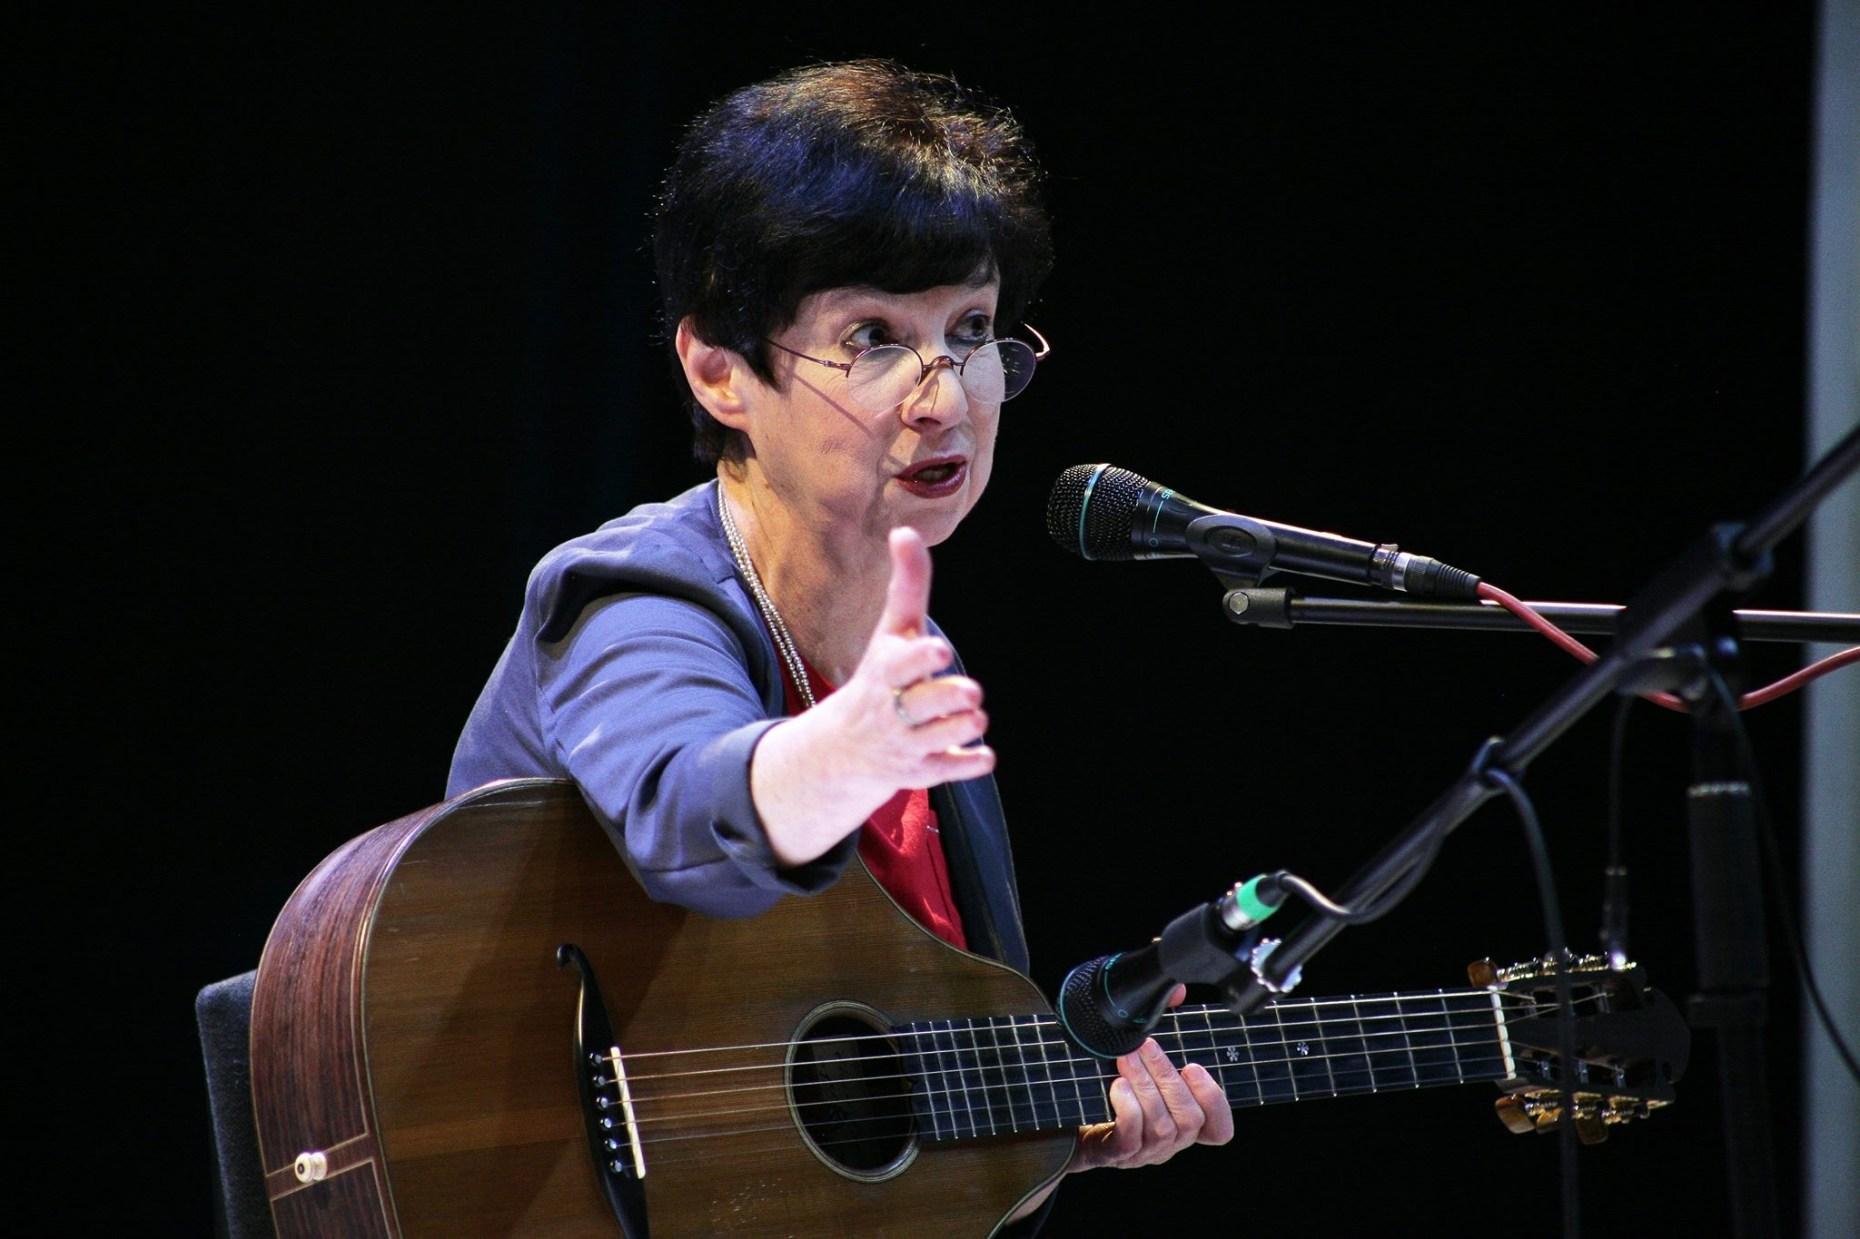 Вероника Долина. «Мы все надеялись на чудо». Концерты в Израиле в феврале